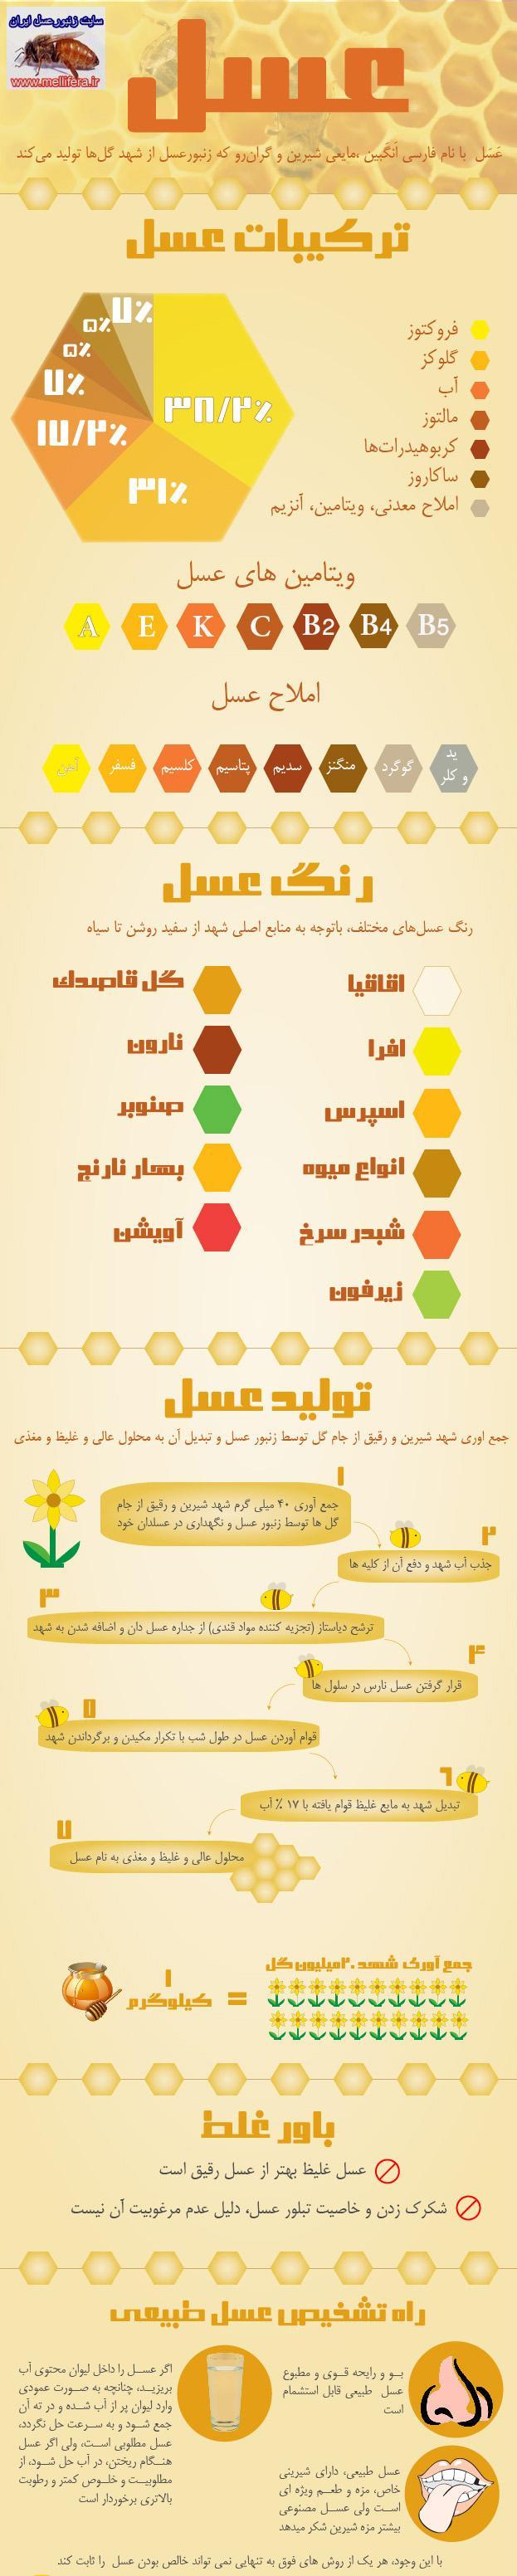 تصاوير رنگ و تركيبات شيميايي عسل